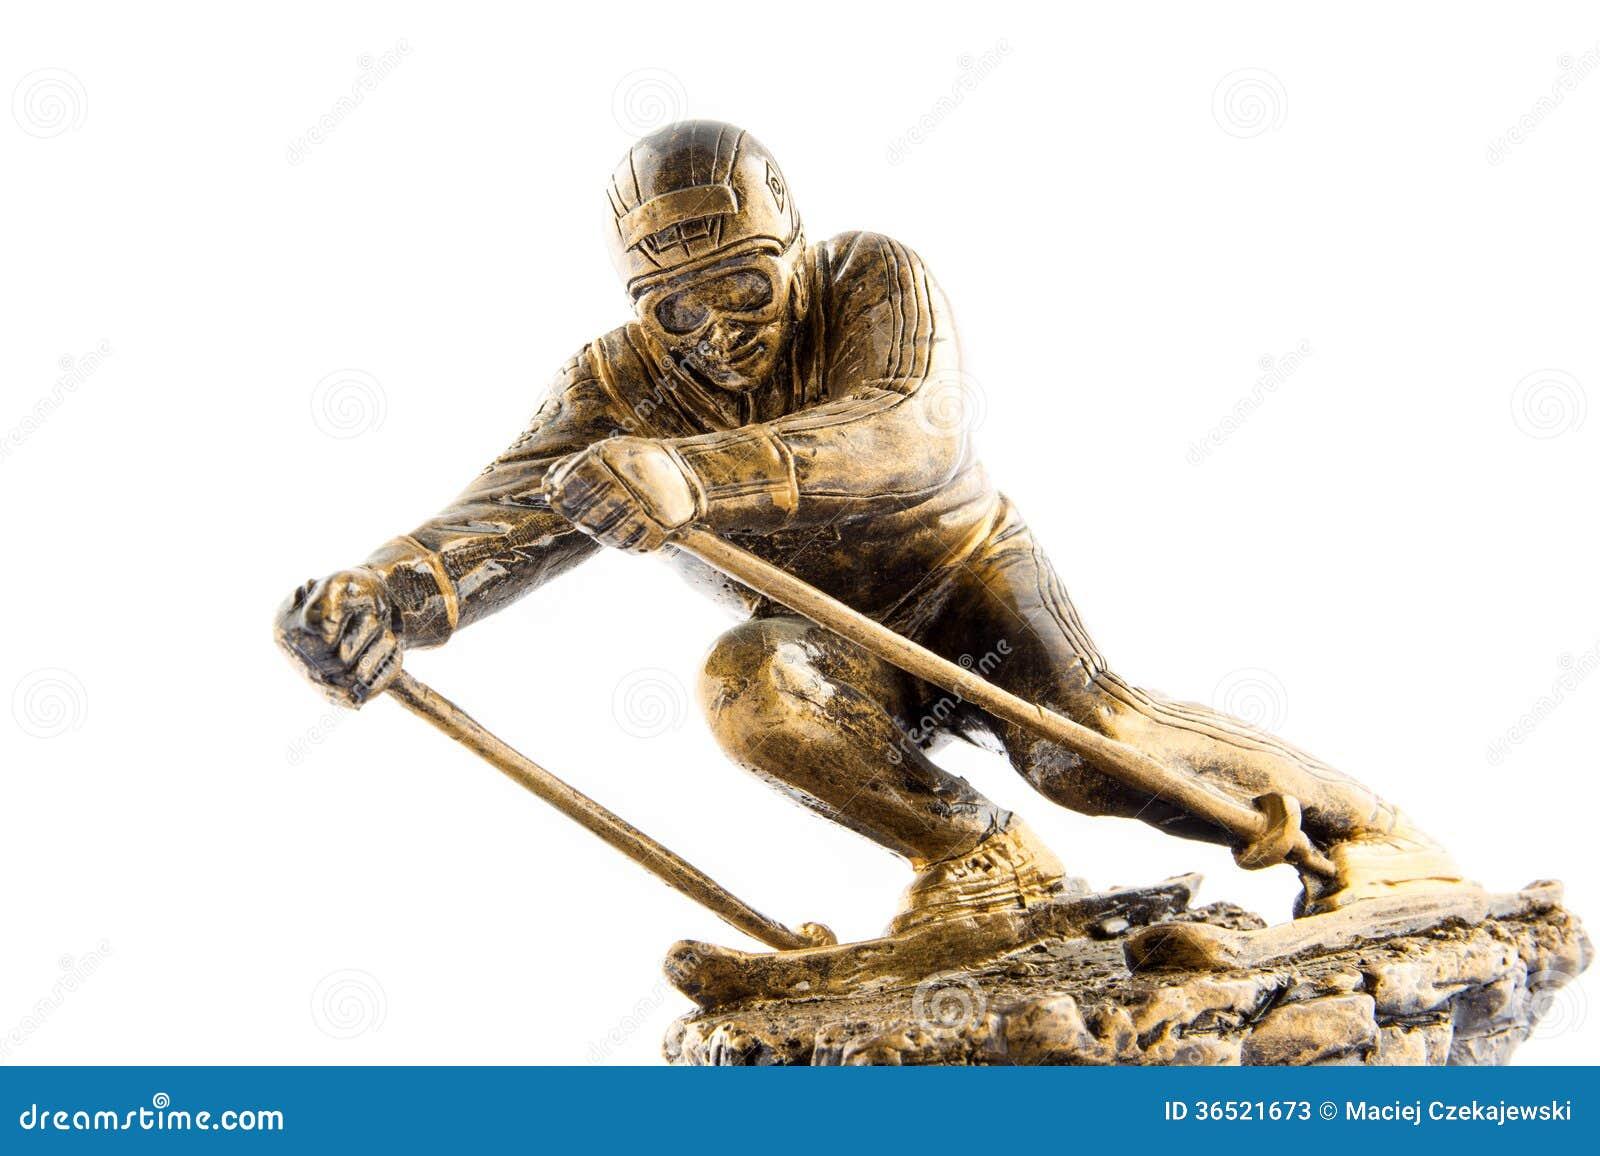 Награда статуэтки чемпиона лыжи золота